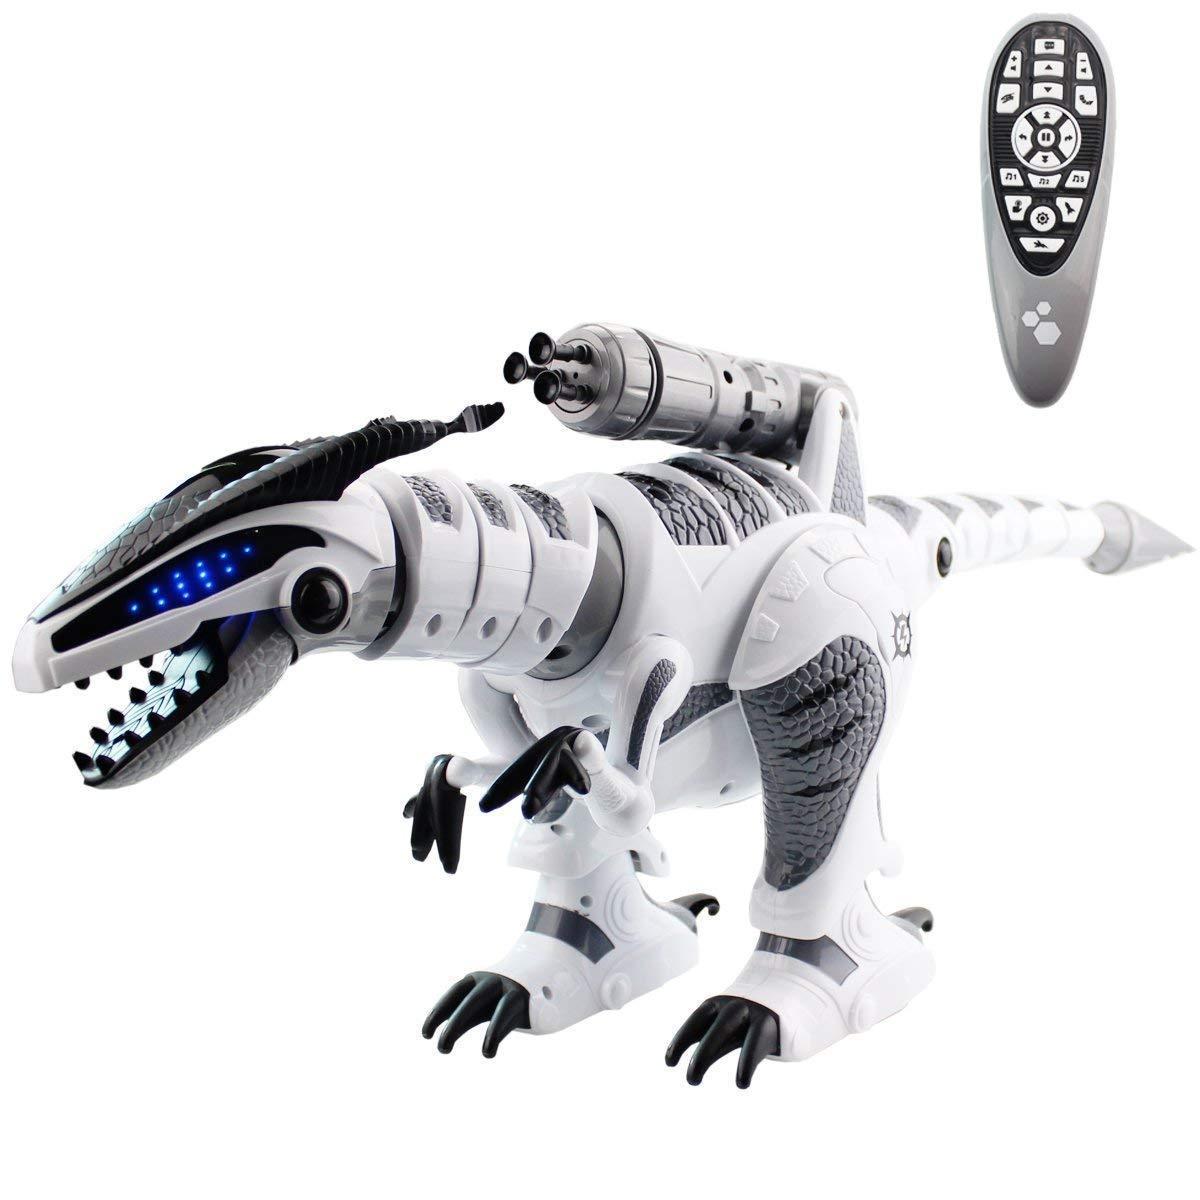 Dinosaure Jouets RC Robot Intelligent Interactif Smart Marcher Danse Chanter Électronique Animaux Éducation des Enfants Jouets blanc Gris